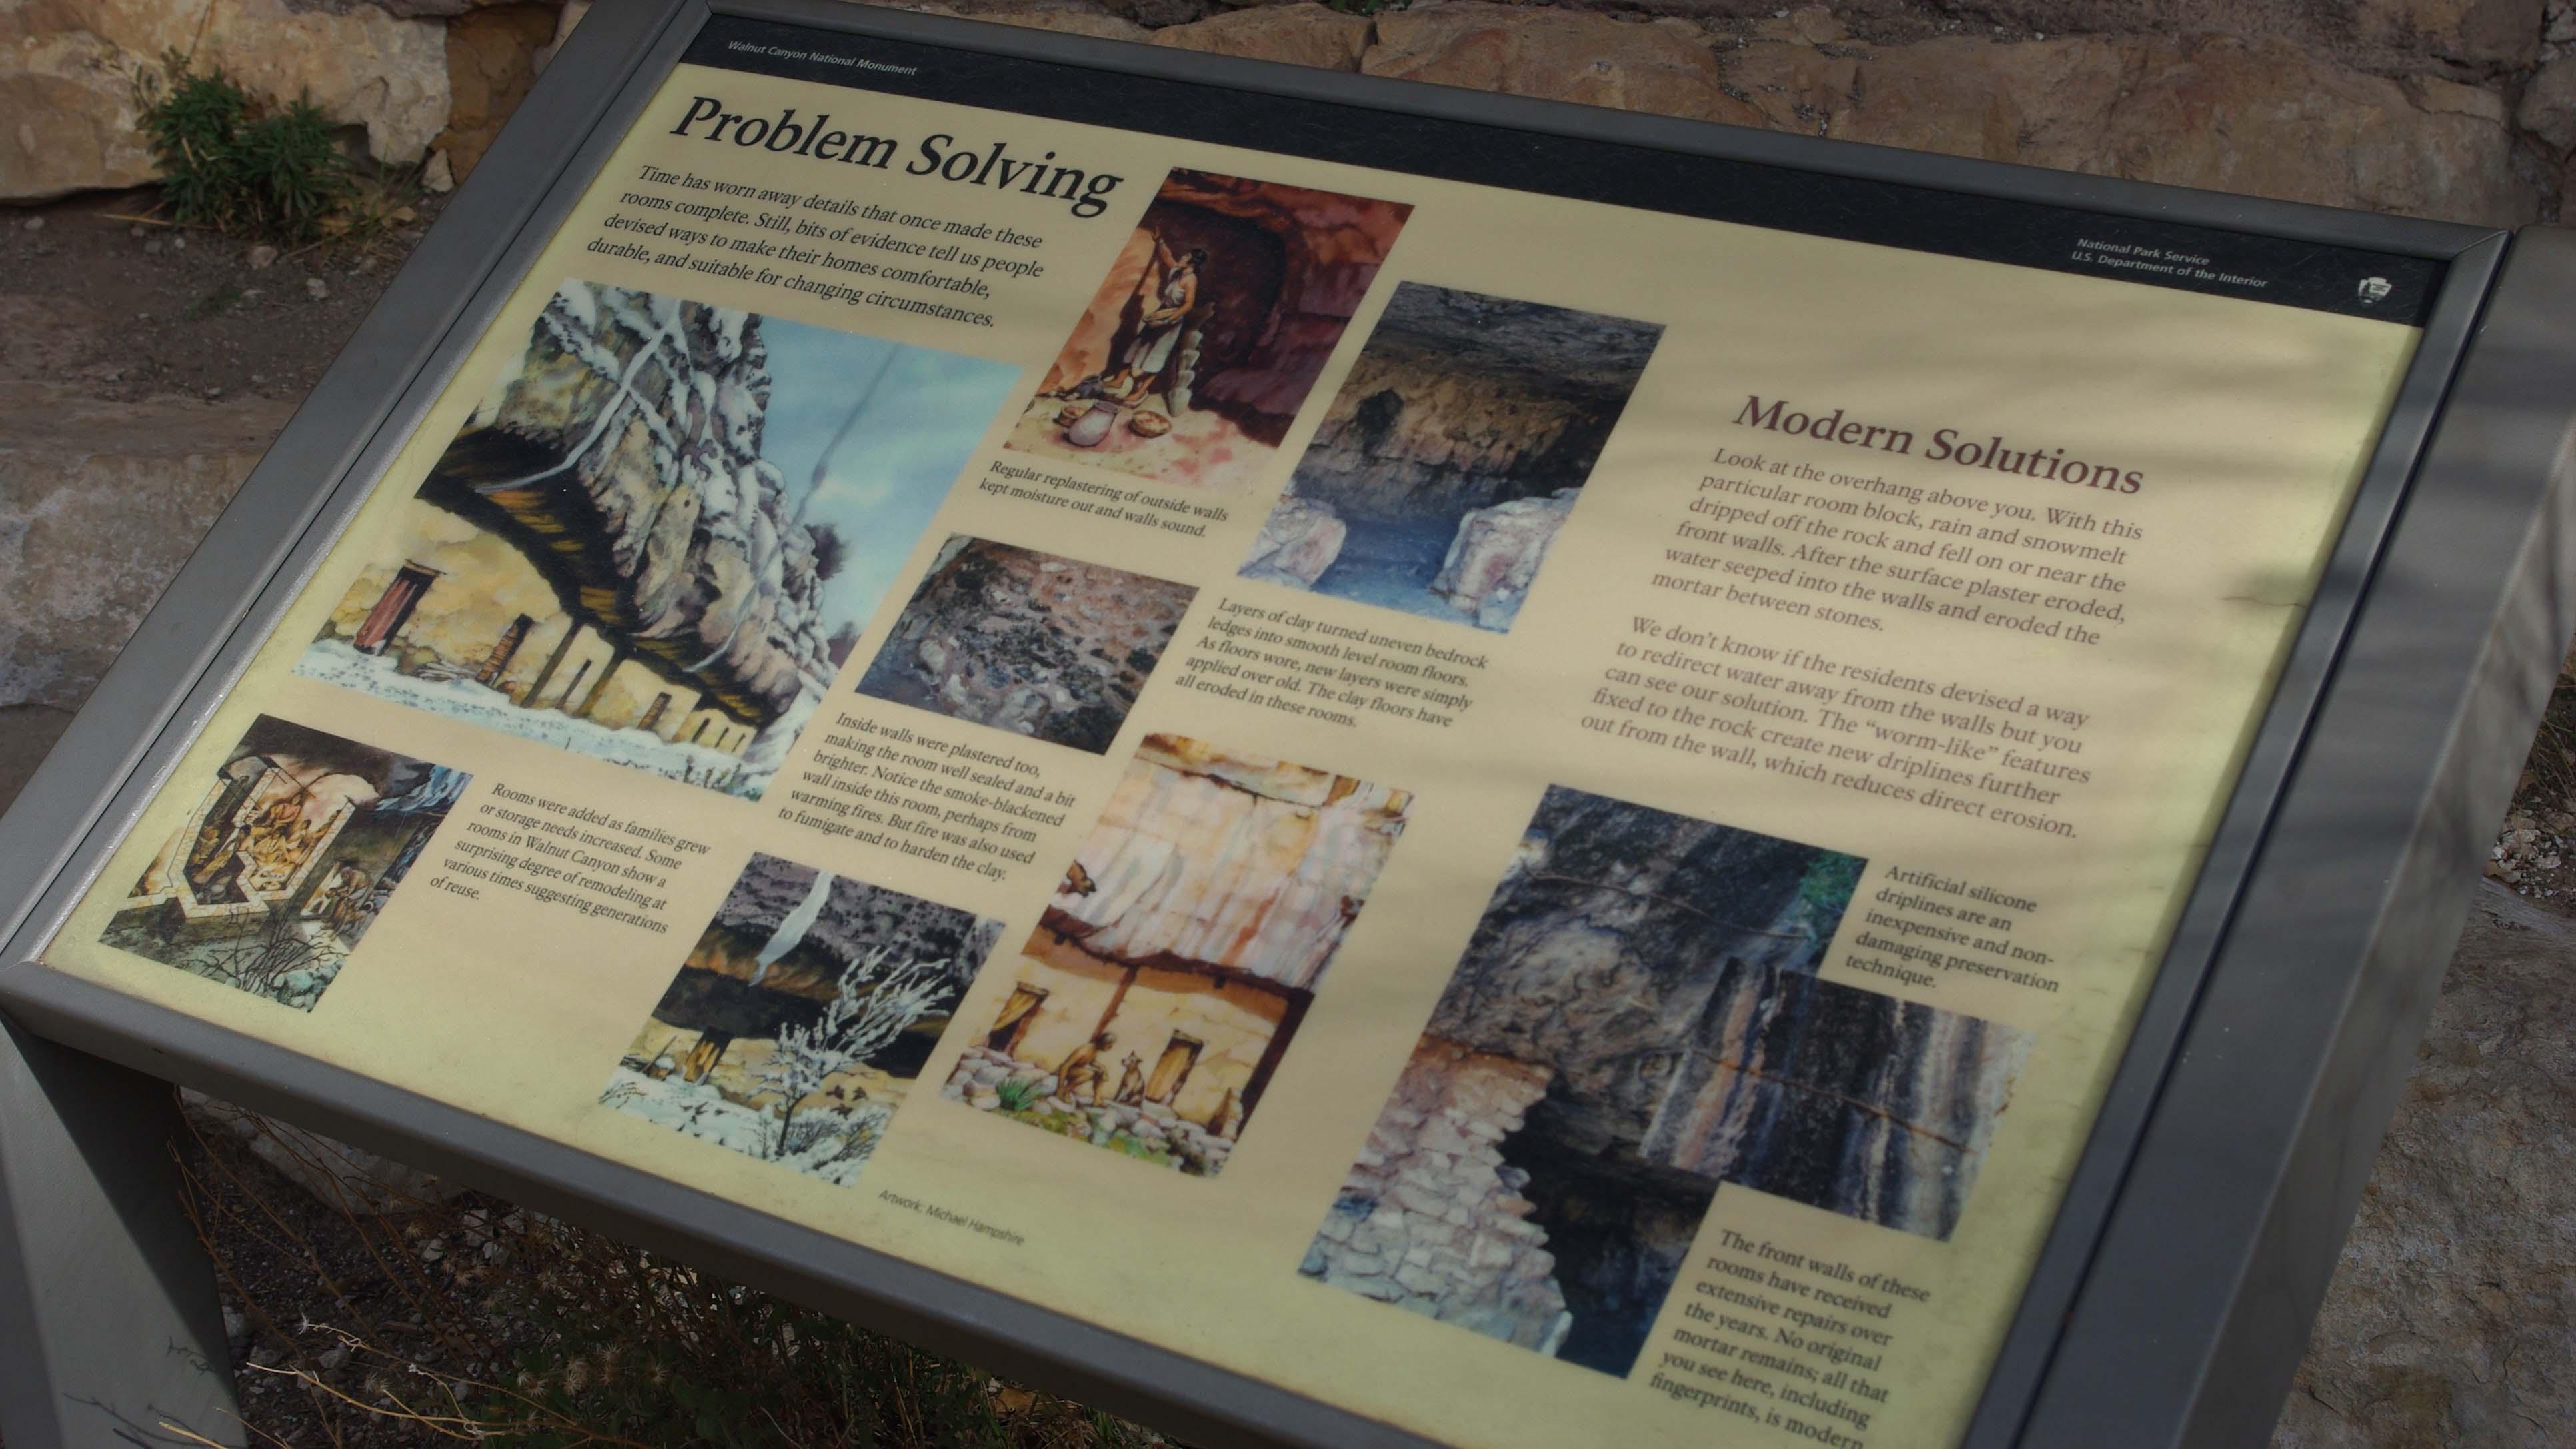 ウォルナット・キャニオン国立モニュメント(Walnut Canyon National Monument)